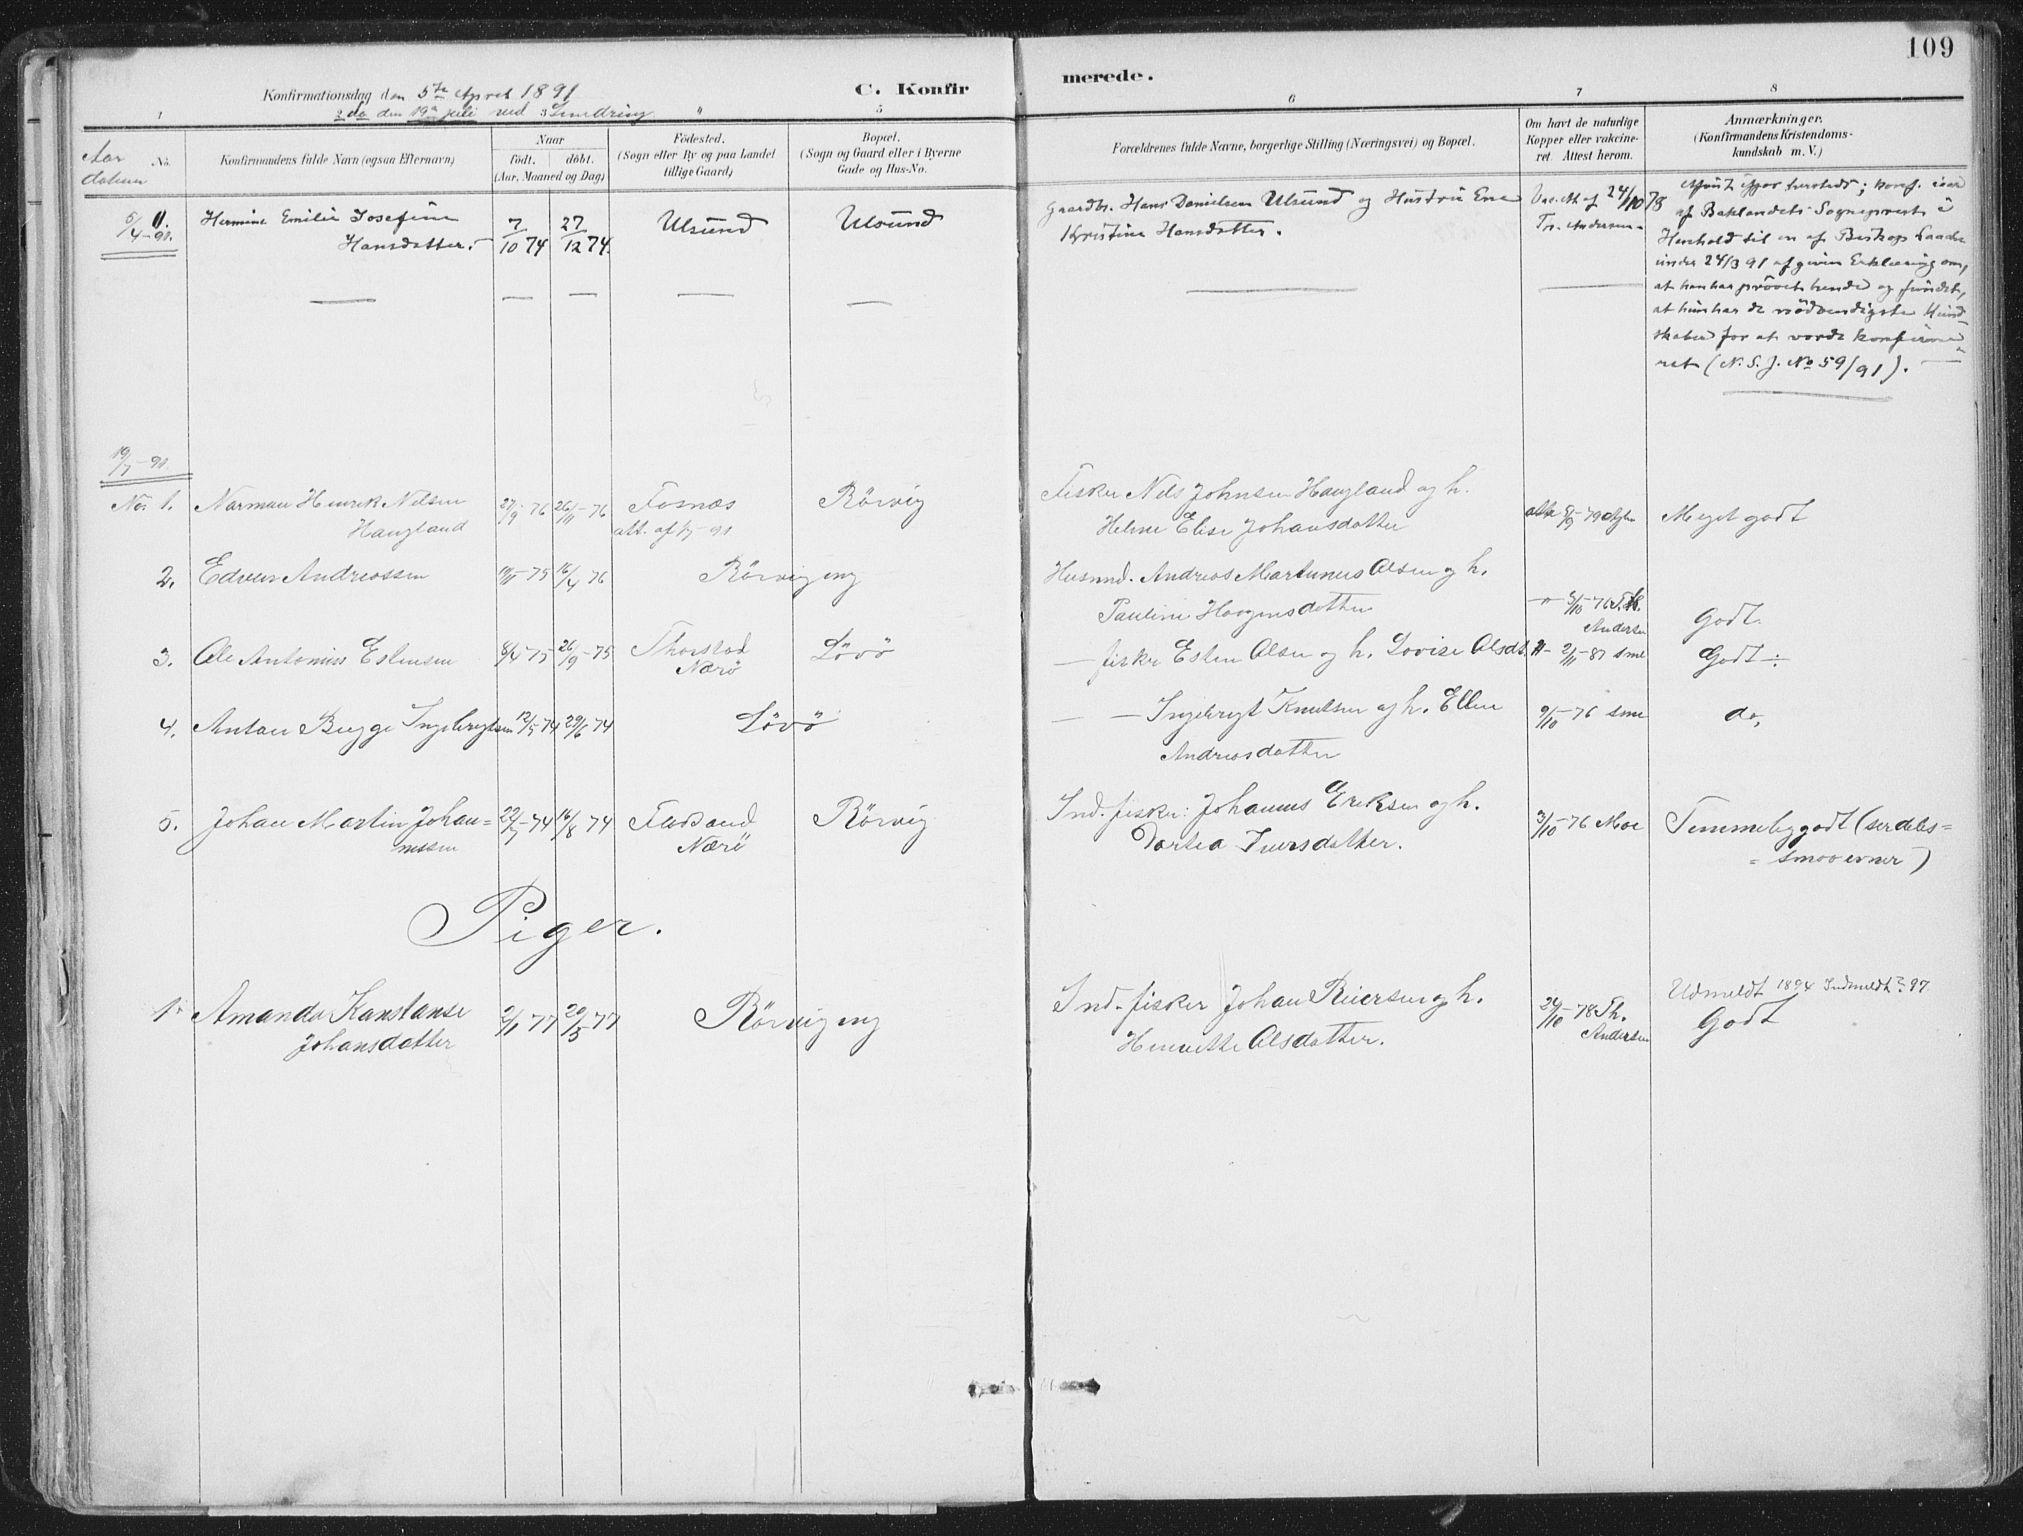 SAT, Ministerialprotokoller, klokkerbøker og fødselsregistre - Nord-Trøndelag, 786/L0687: Ministerialbok nr. 786A03, 1888-1898, s. 109